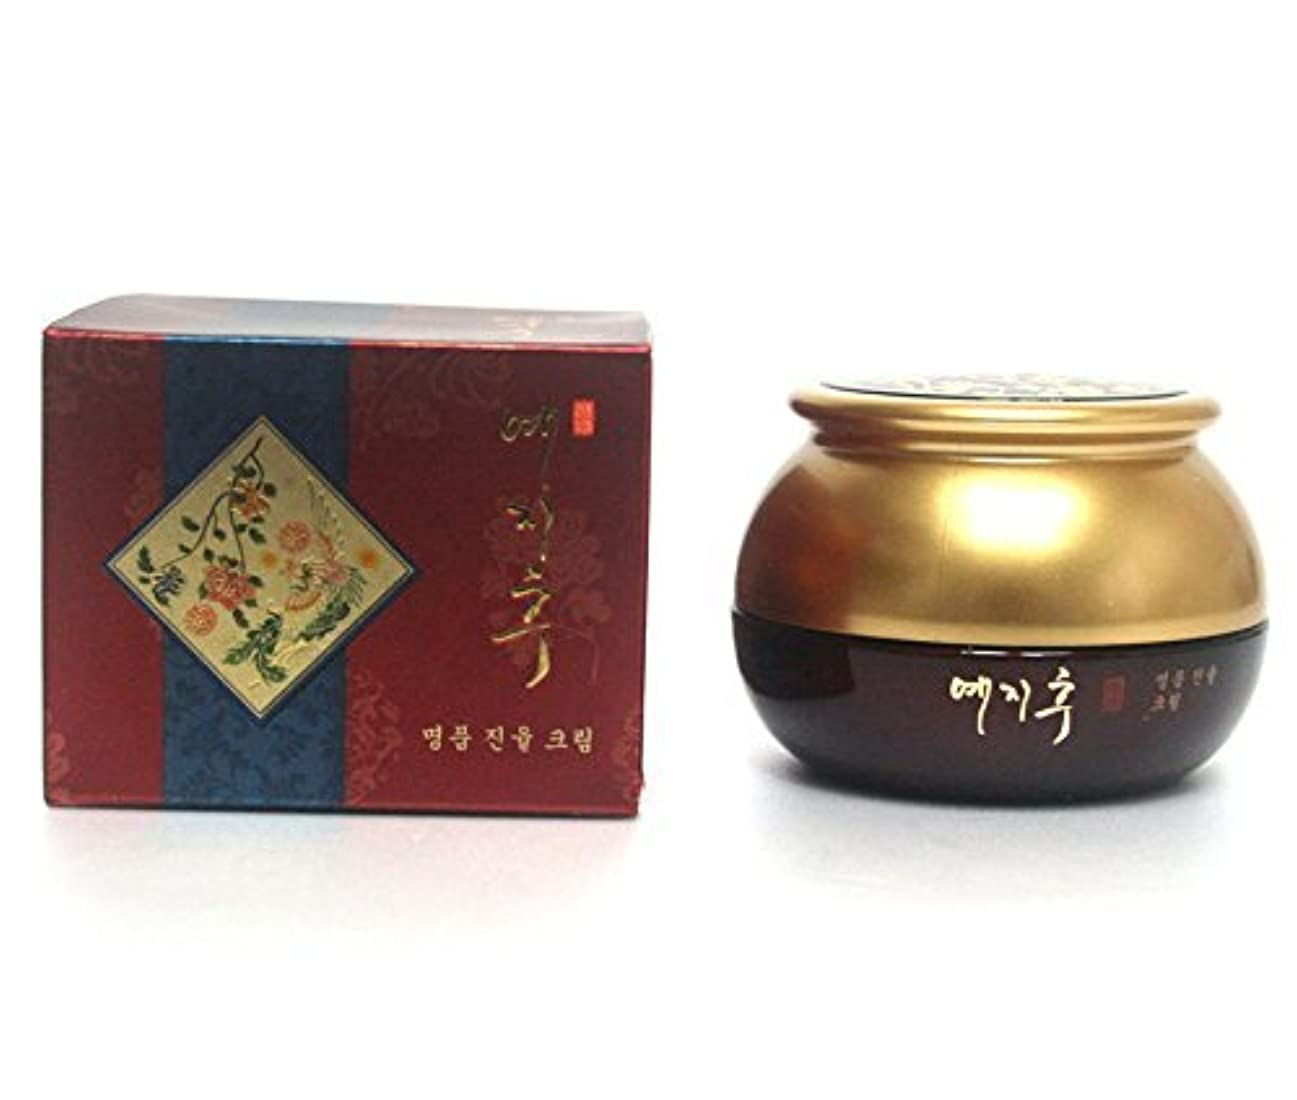 リットル上へ通行料金[YEZIHU] 紅参クリーム50g / ナチュラルオリエンタルハーブ / 韓国化粧品 / RED Ginseng Cream 50g / Natural Oriental Herbs / Korean Cosmetics...